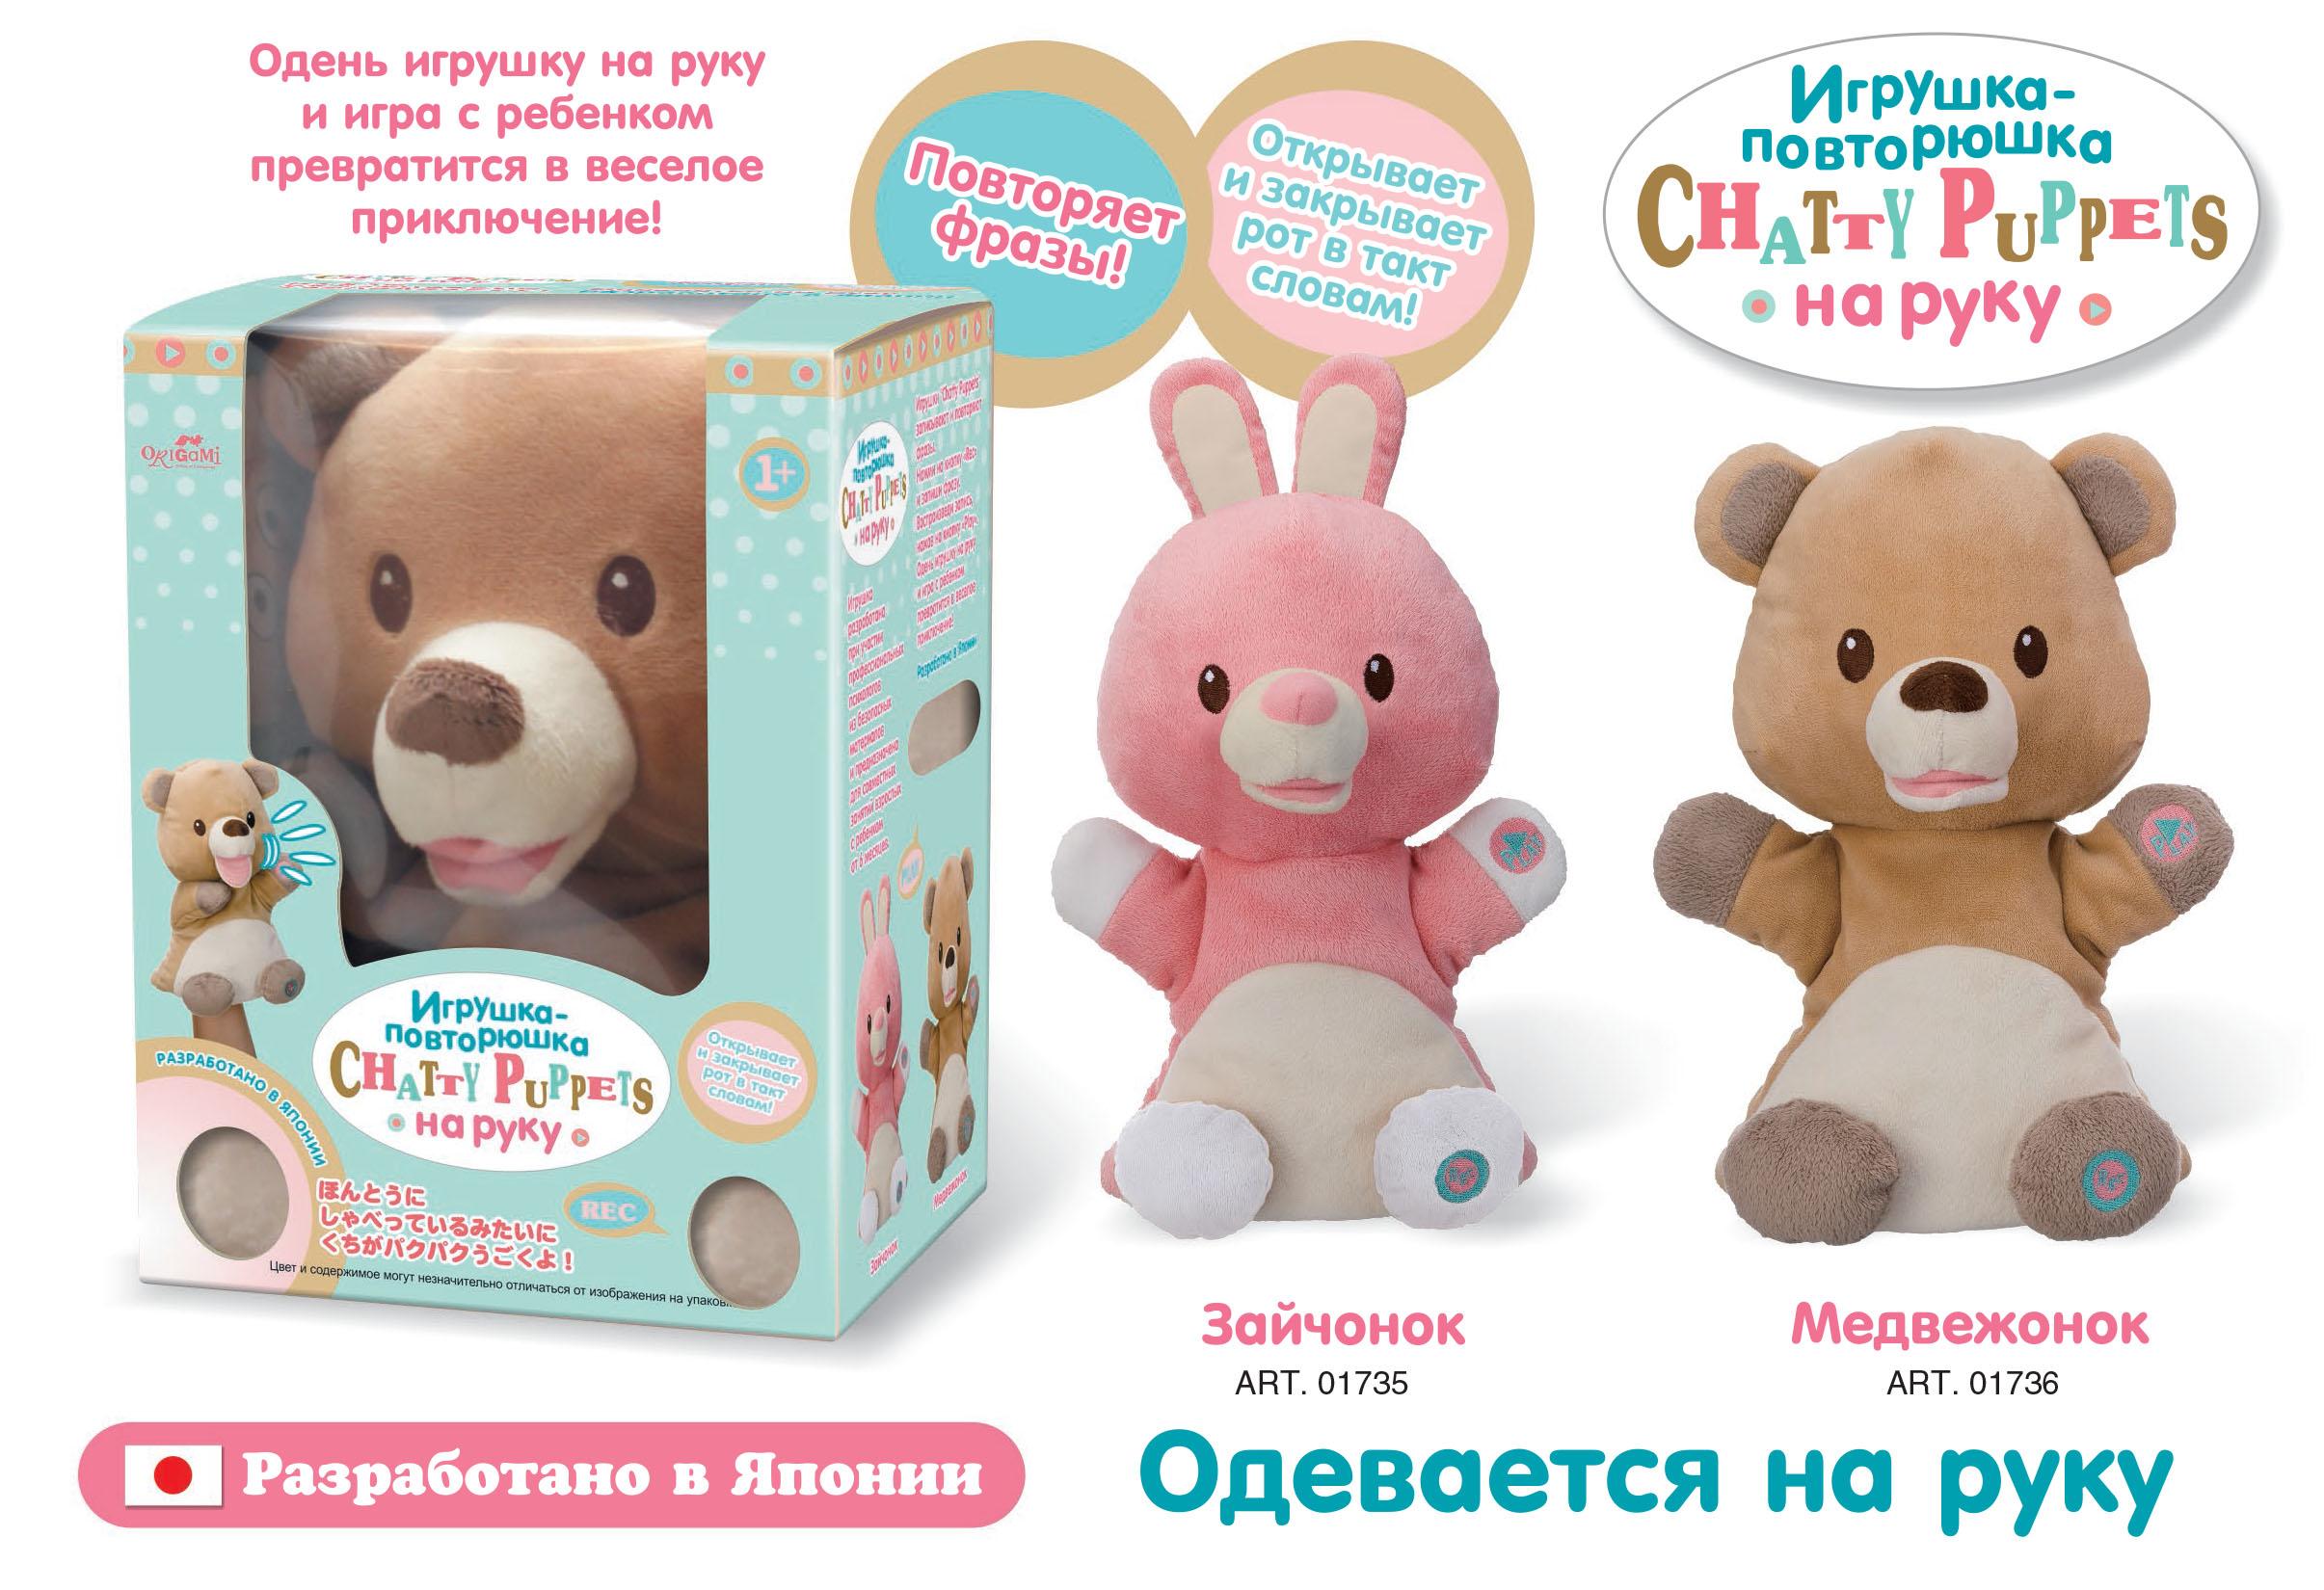 I.C.Chatty Puppets Игрушка-повторюшка на руку в асс-те 2 шт. арт. 02101